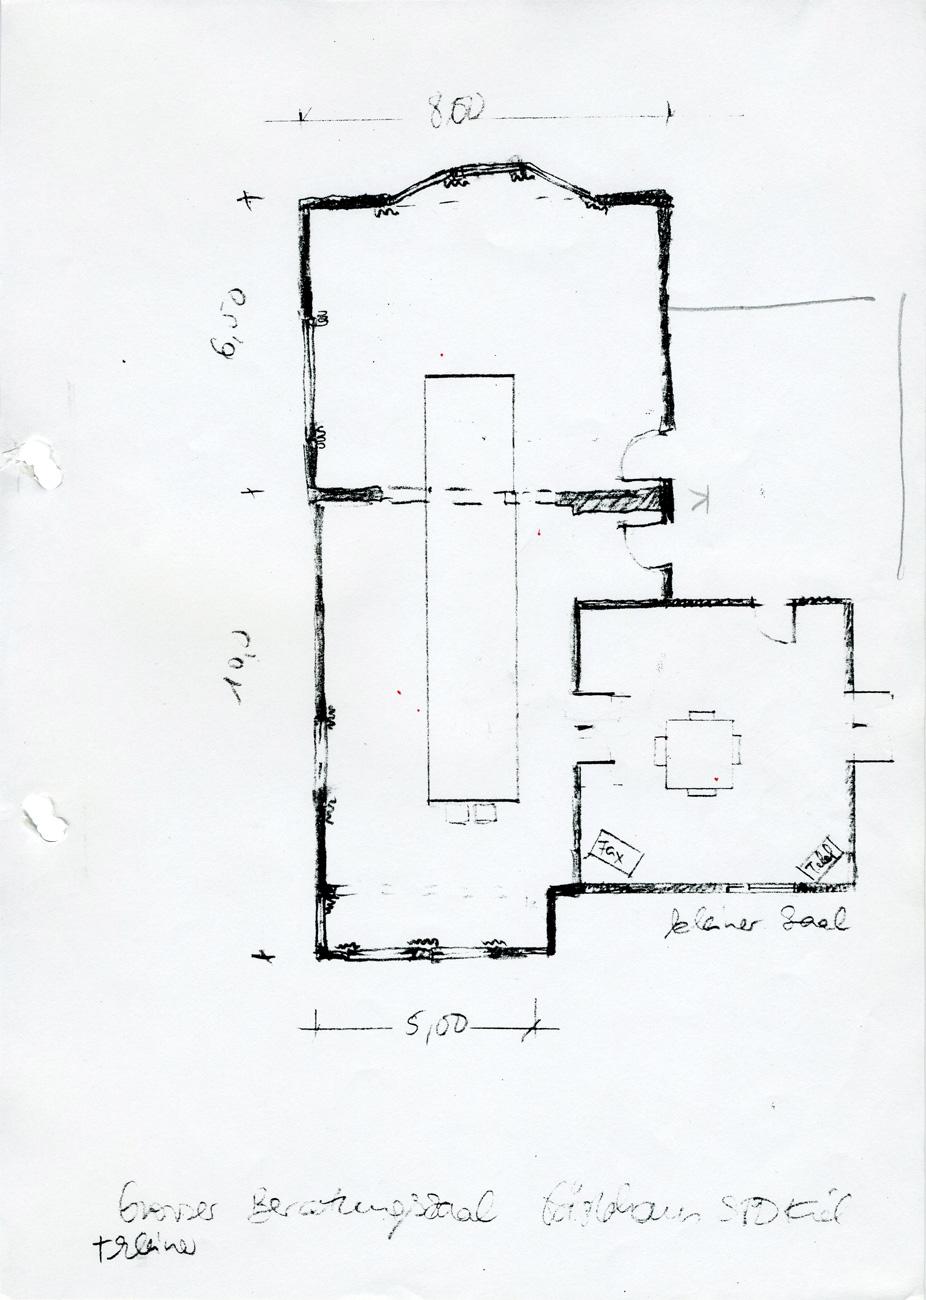 1-Grosser-Beratungssaal_ba